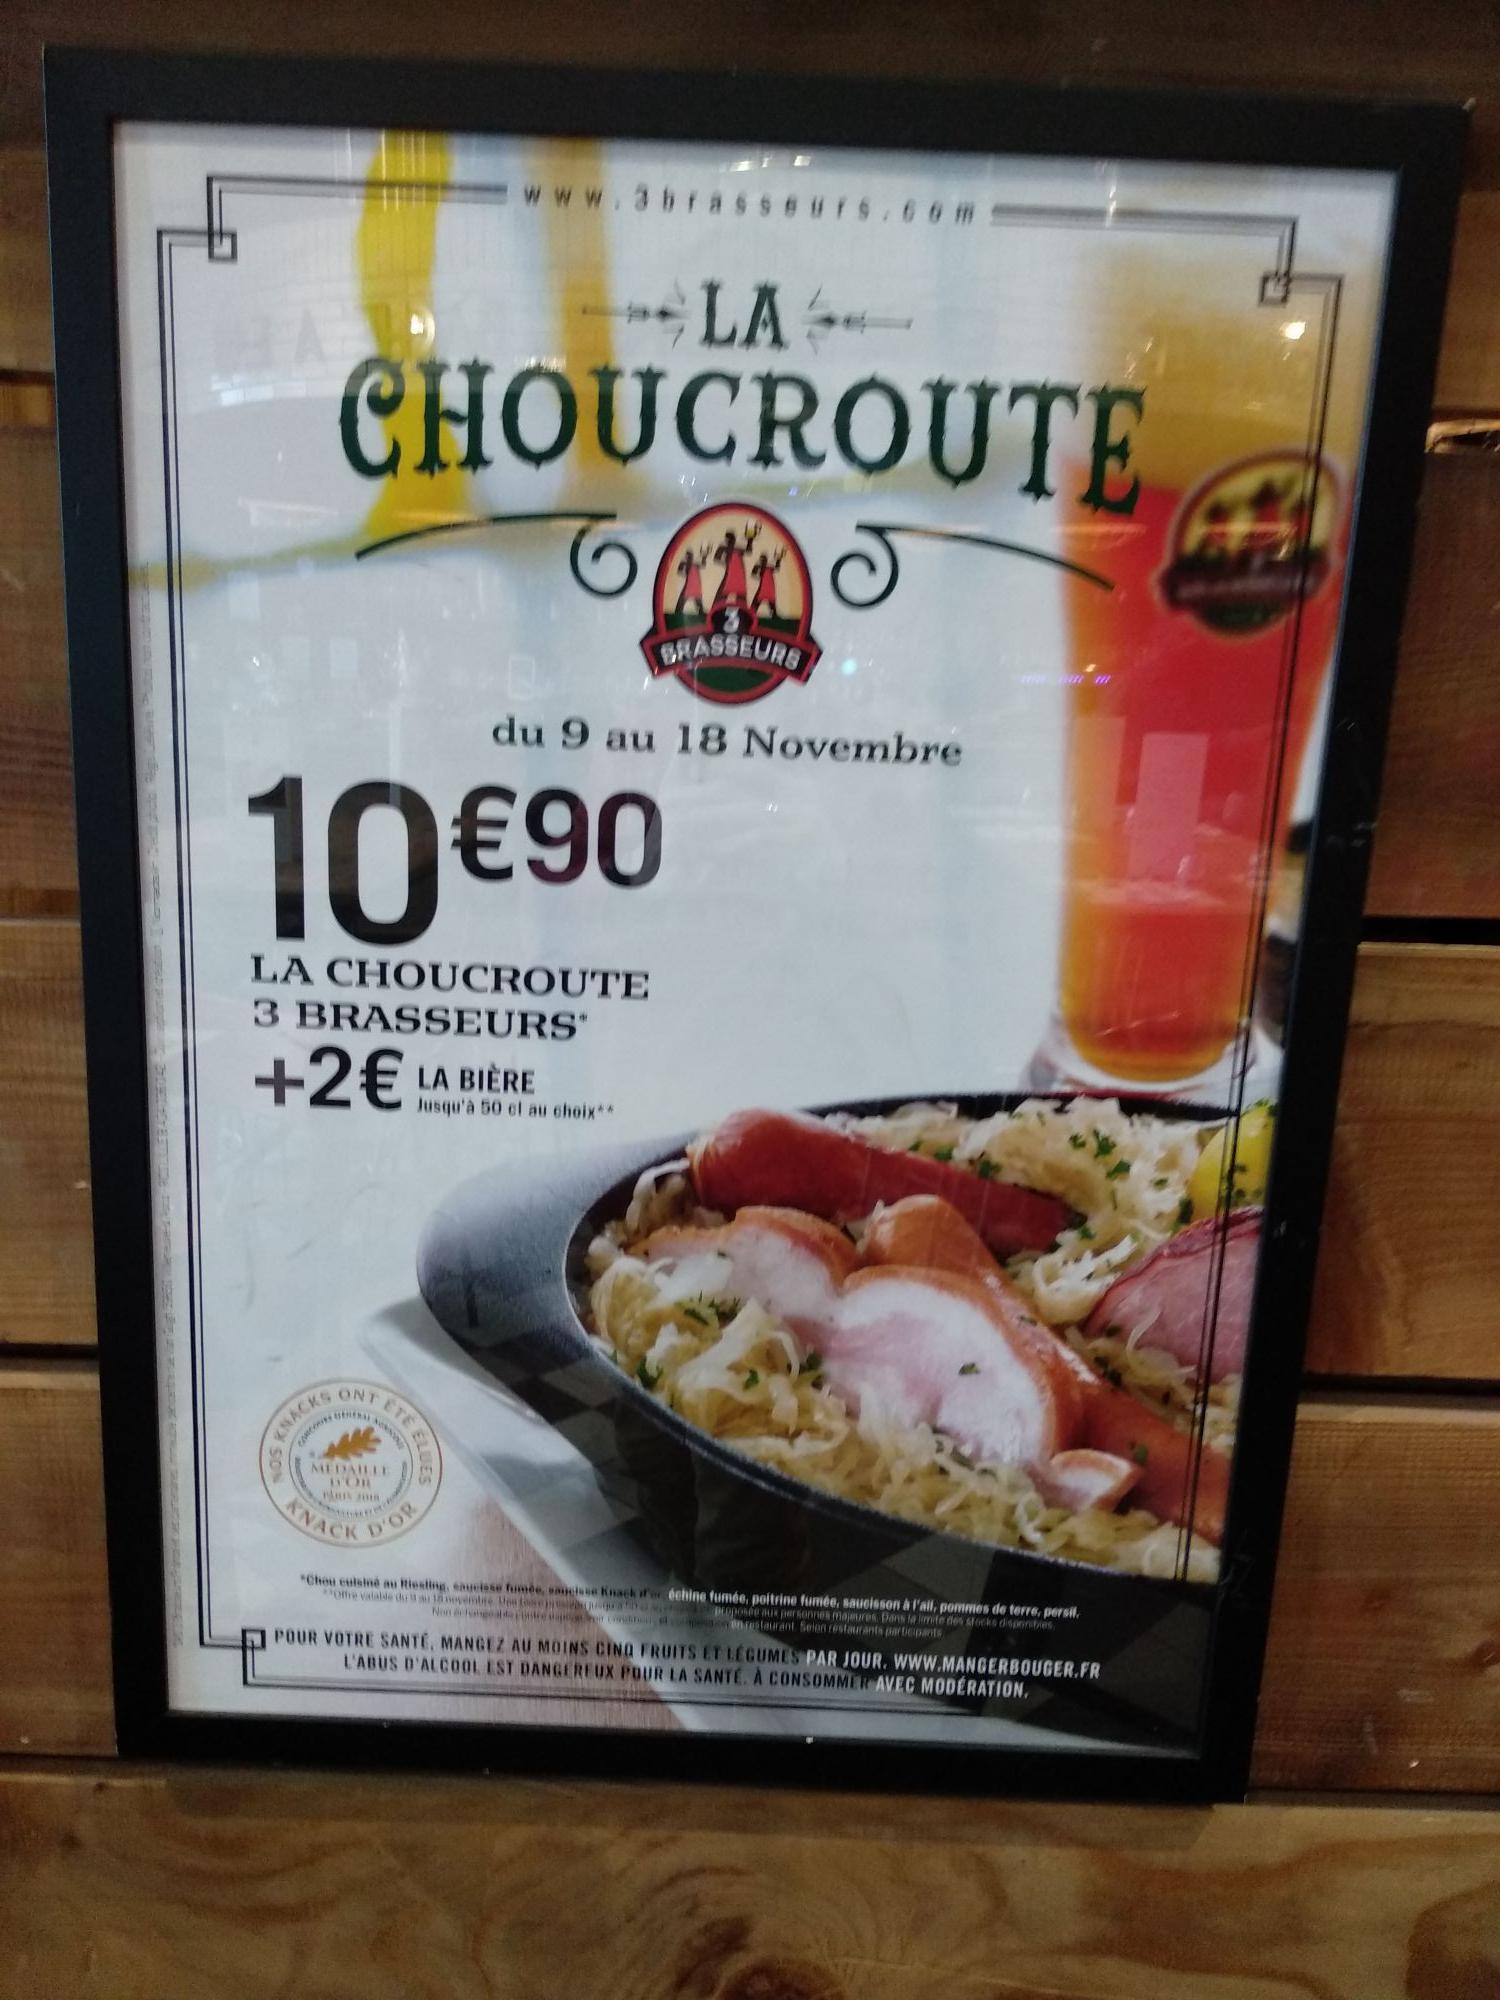 Un plat de Choucroute - aux 3 Brasseurs Quetigny (21)